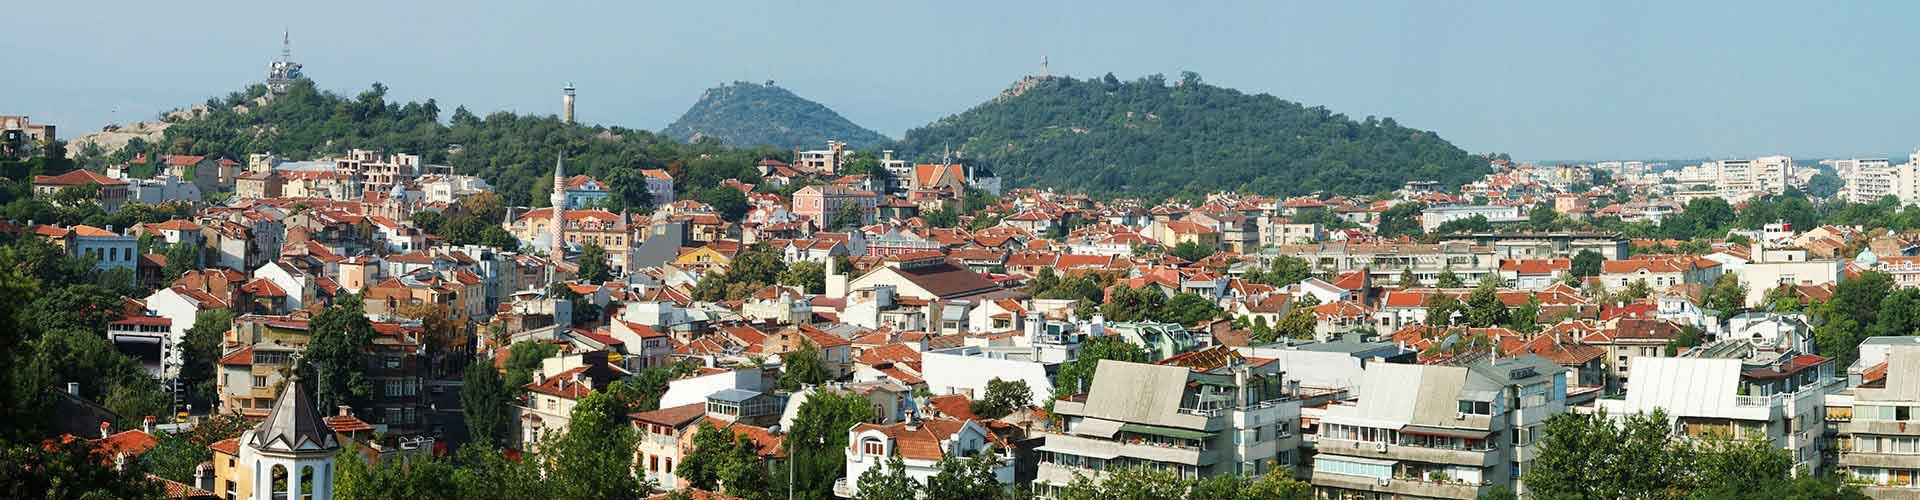 Plovdiv – Hostels in Plovdiv. Plovdiv auf der Karte. Fotos und Bewertungen für jedes Hostel in Plovdiv.